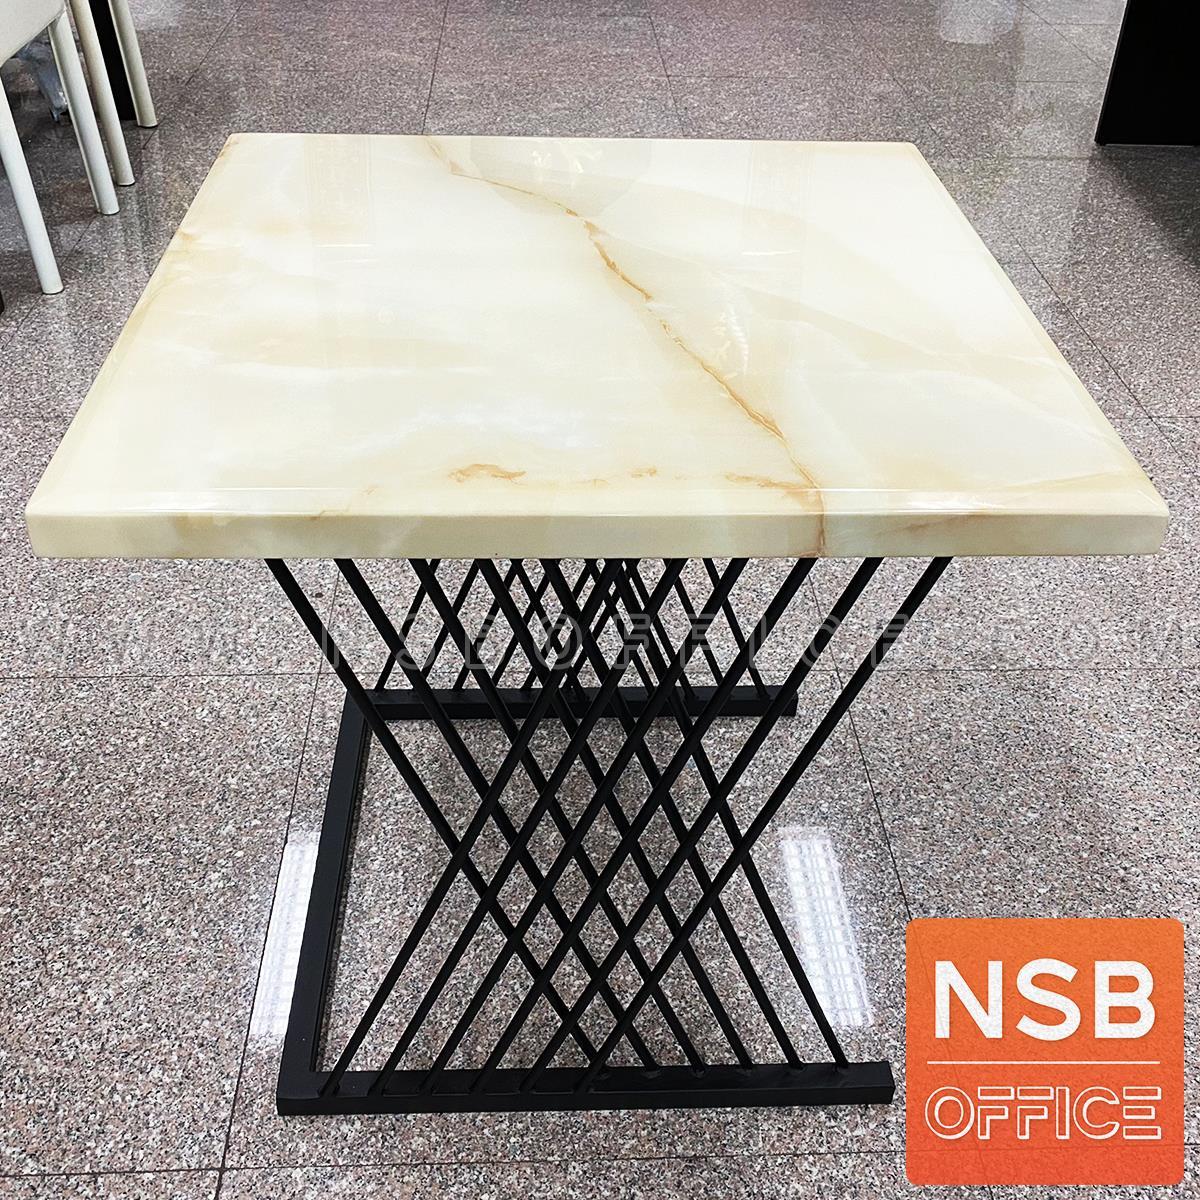 โต๊ะกลางหน้าหินอ่อน รุ่น Bavaria (บาวาเรีย) ขนาด 60W*60D cm.